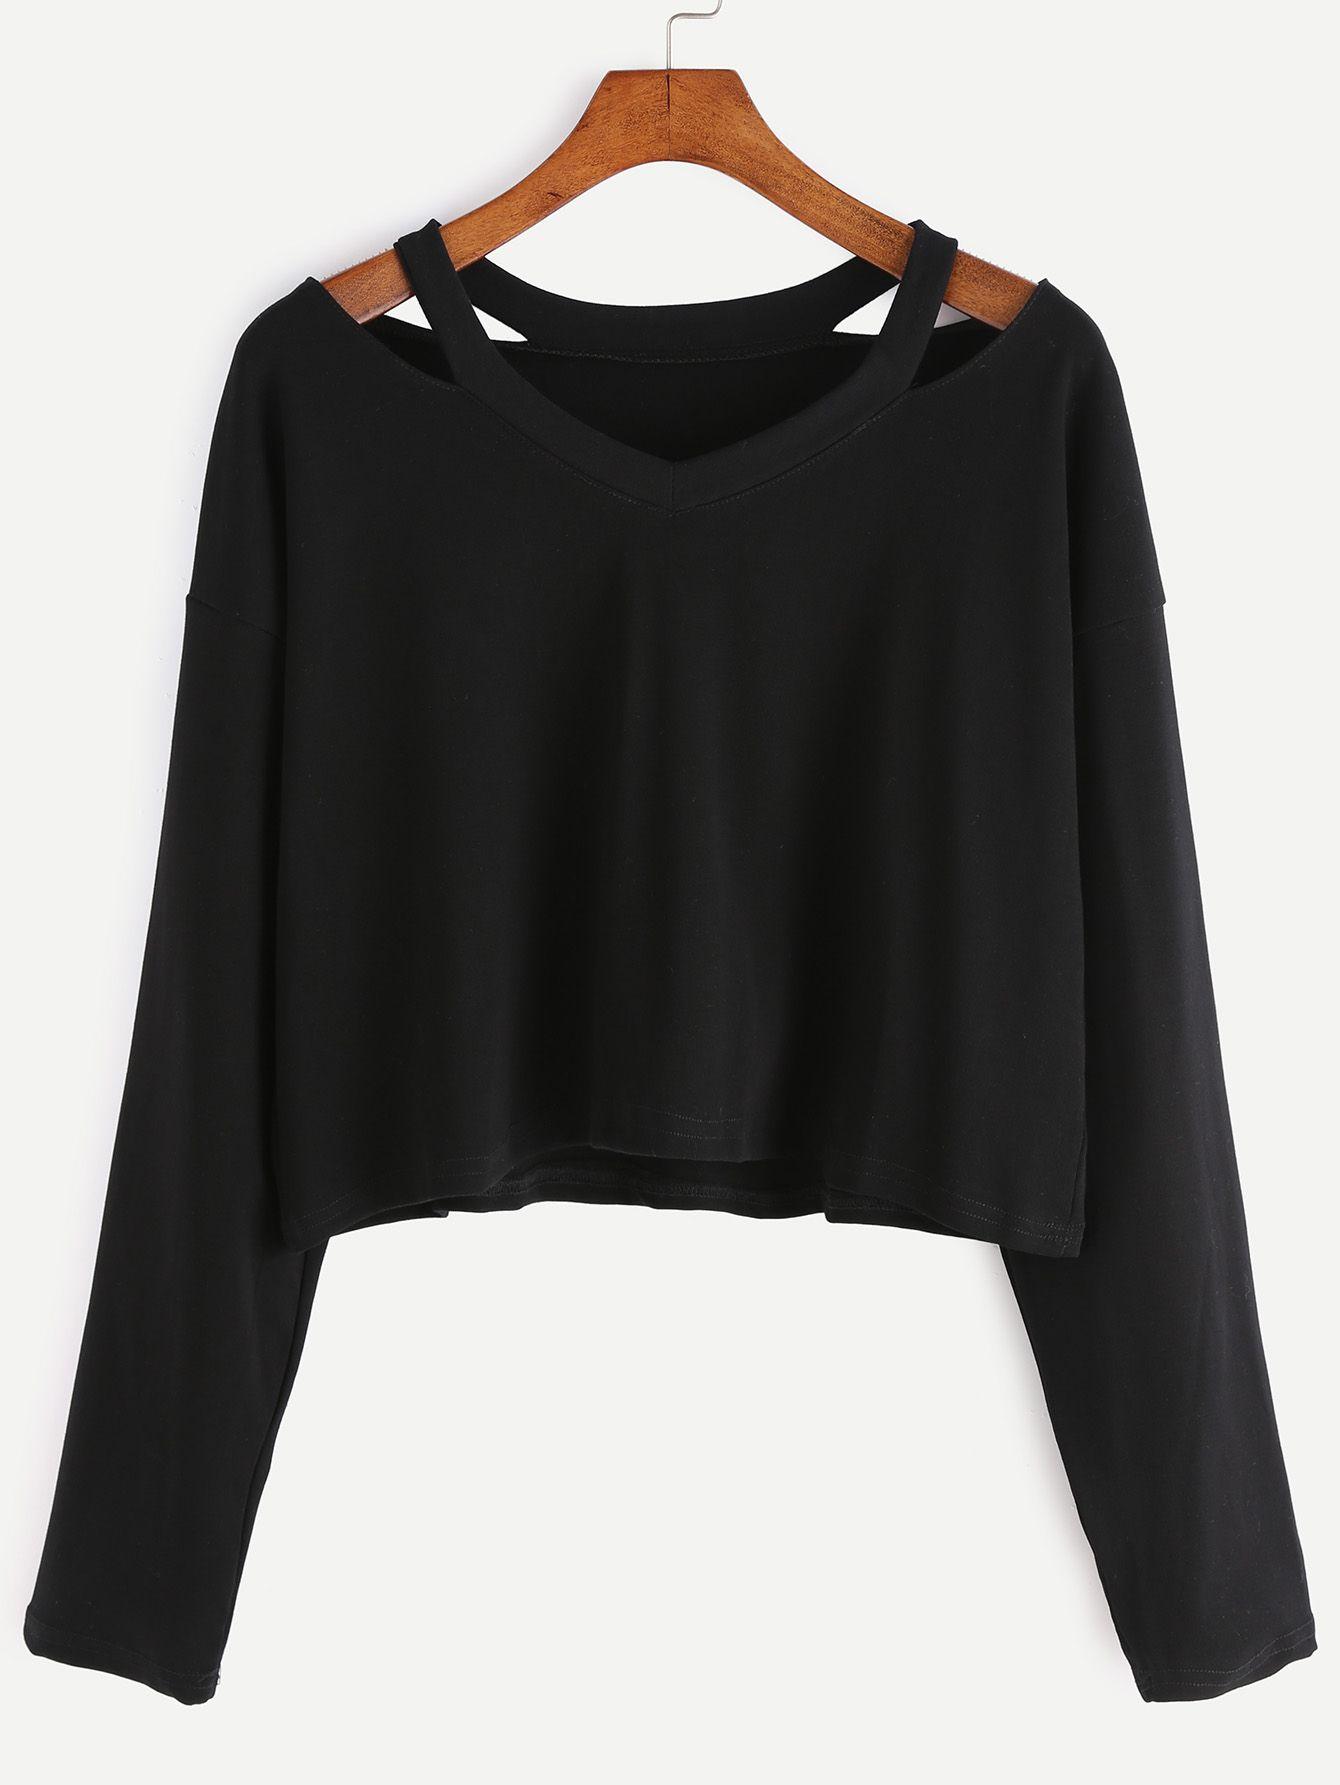 Cut Outs T shirt schwarz Nähen Kleidung Pinterest